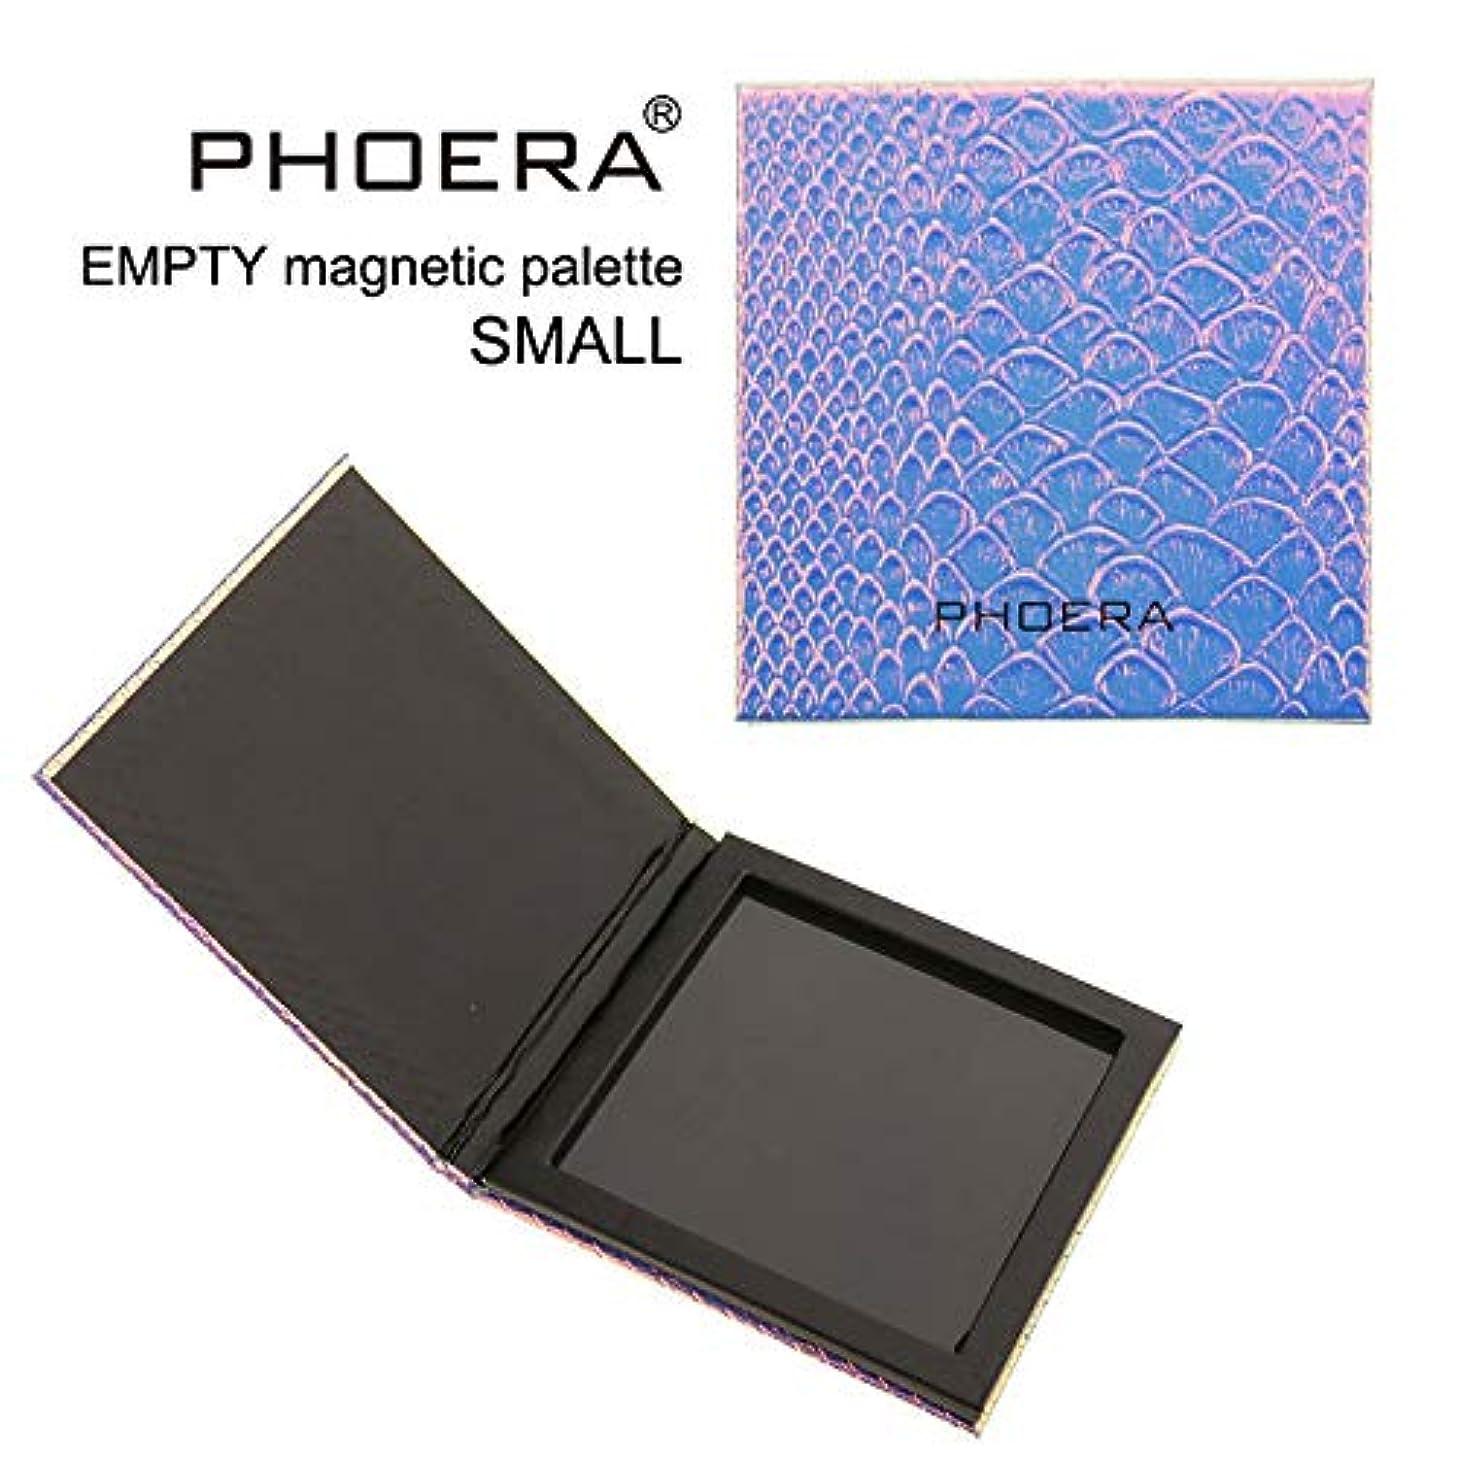 涙咲く緩めるBSMEAN 空のアイシャドウパレット、空のメイクアップパレット、グラデーション空の空のDIYメイクアップ収納ボックスアイシャドウパウダー用磁気化粧品パレット、S